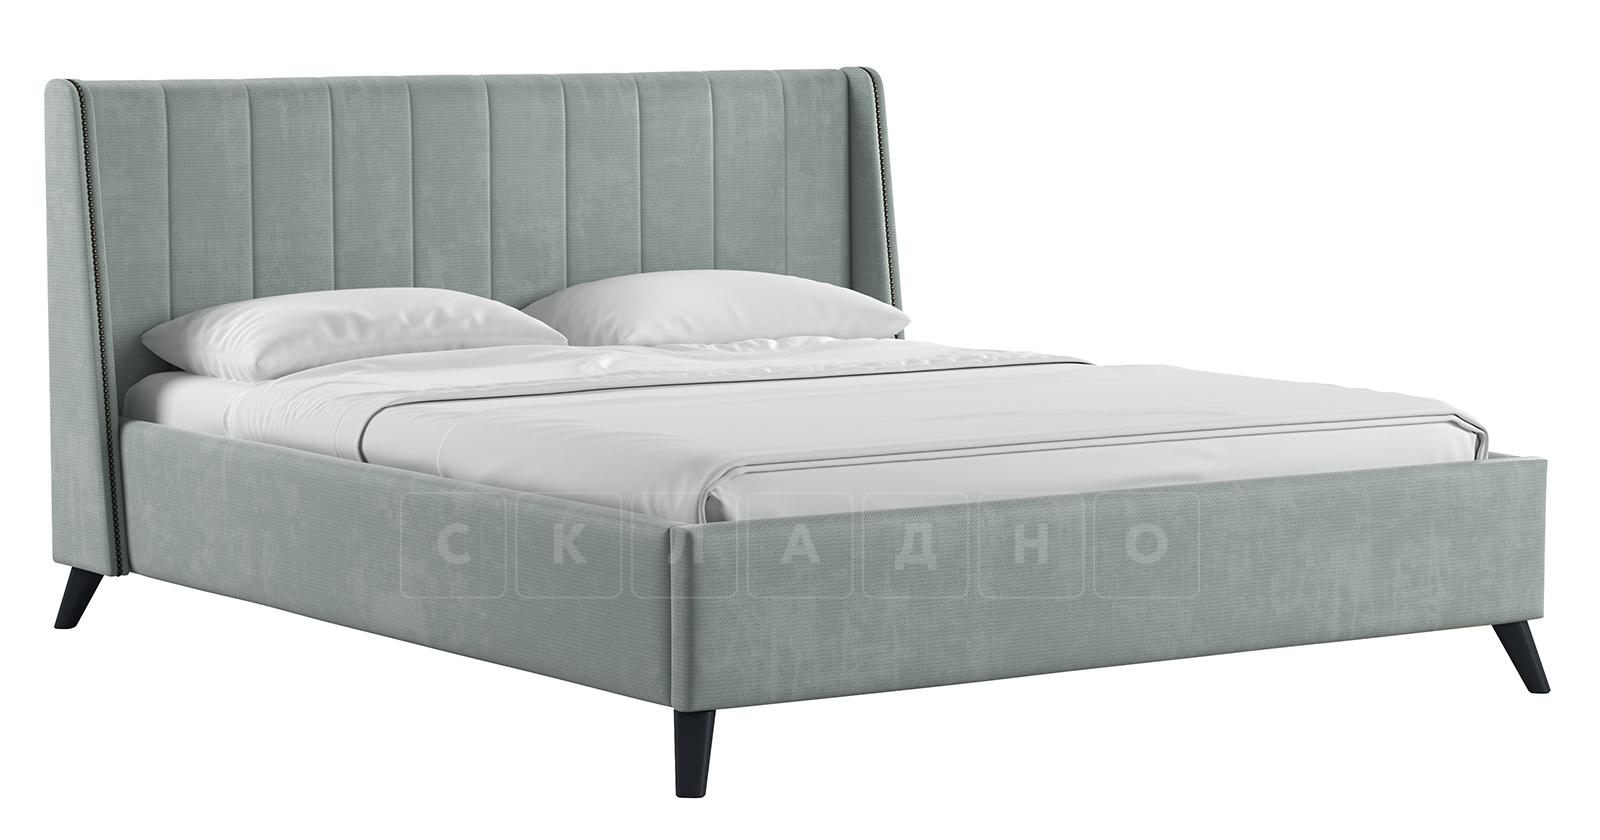 Мягкая кровать Мелисса 160 см велюр серебристый серый фото 1 | интернет-магазин Складно